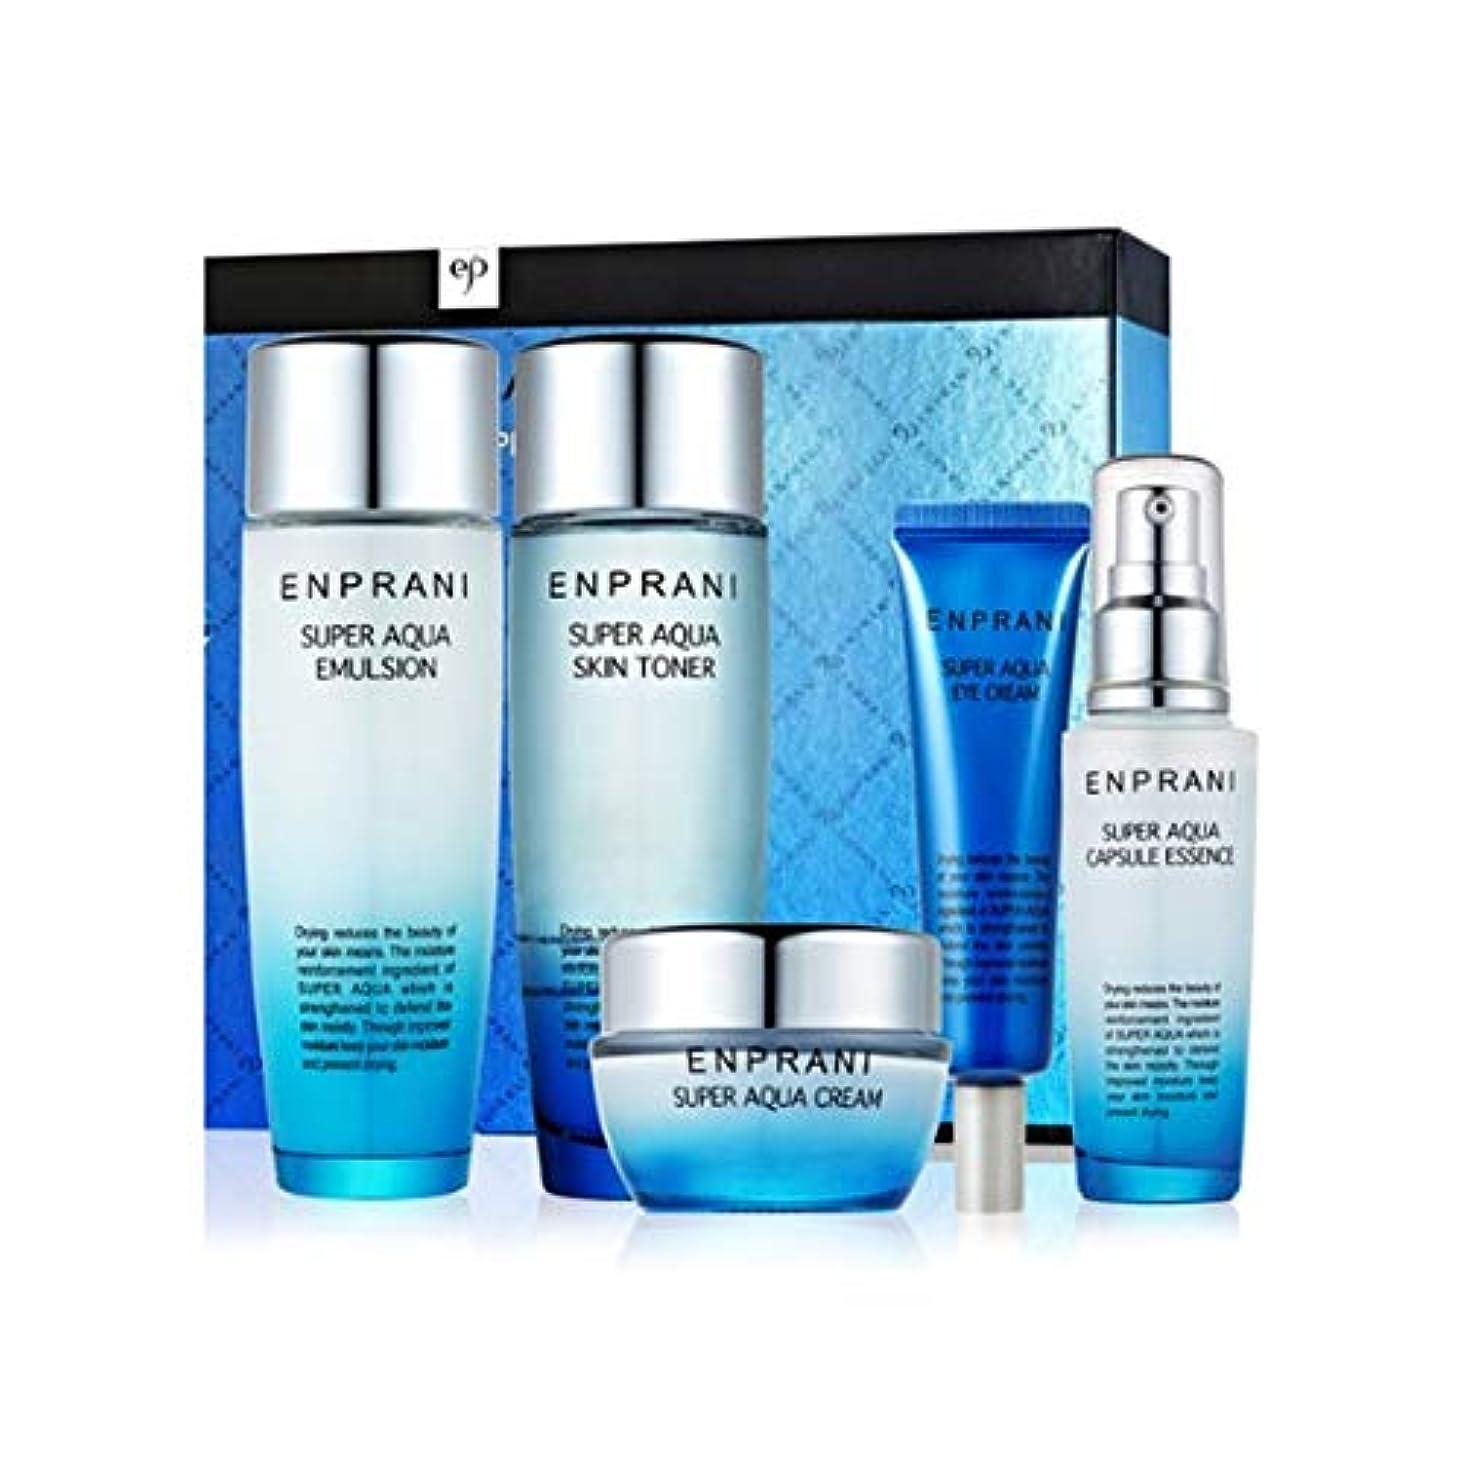 初心者封建汚いエンプラニスーパーアクアスキンケアセット(トナー150ml、エマルジョン150ml、クリーム50ml、アイクリーム30ml、エッセンス55ml) Enprani Super Aqua Skin Care Set(Toner、Emulsion、Cream、Eye Cream、Essence) [並行輸入品]